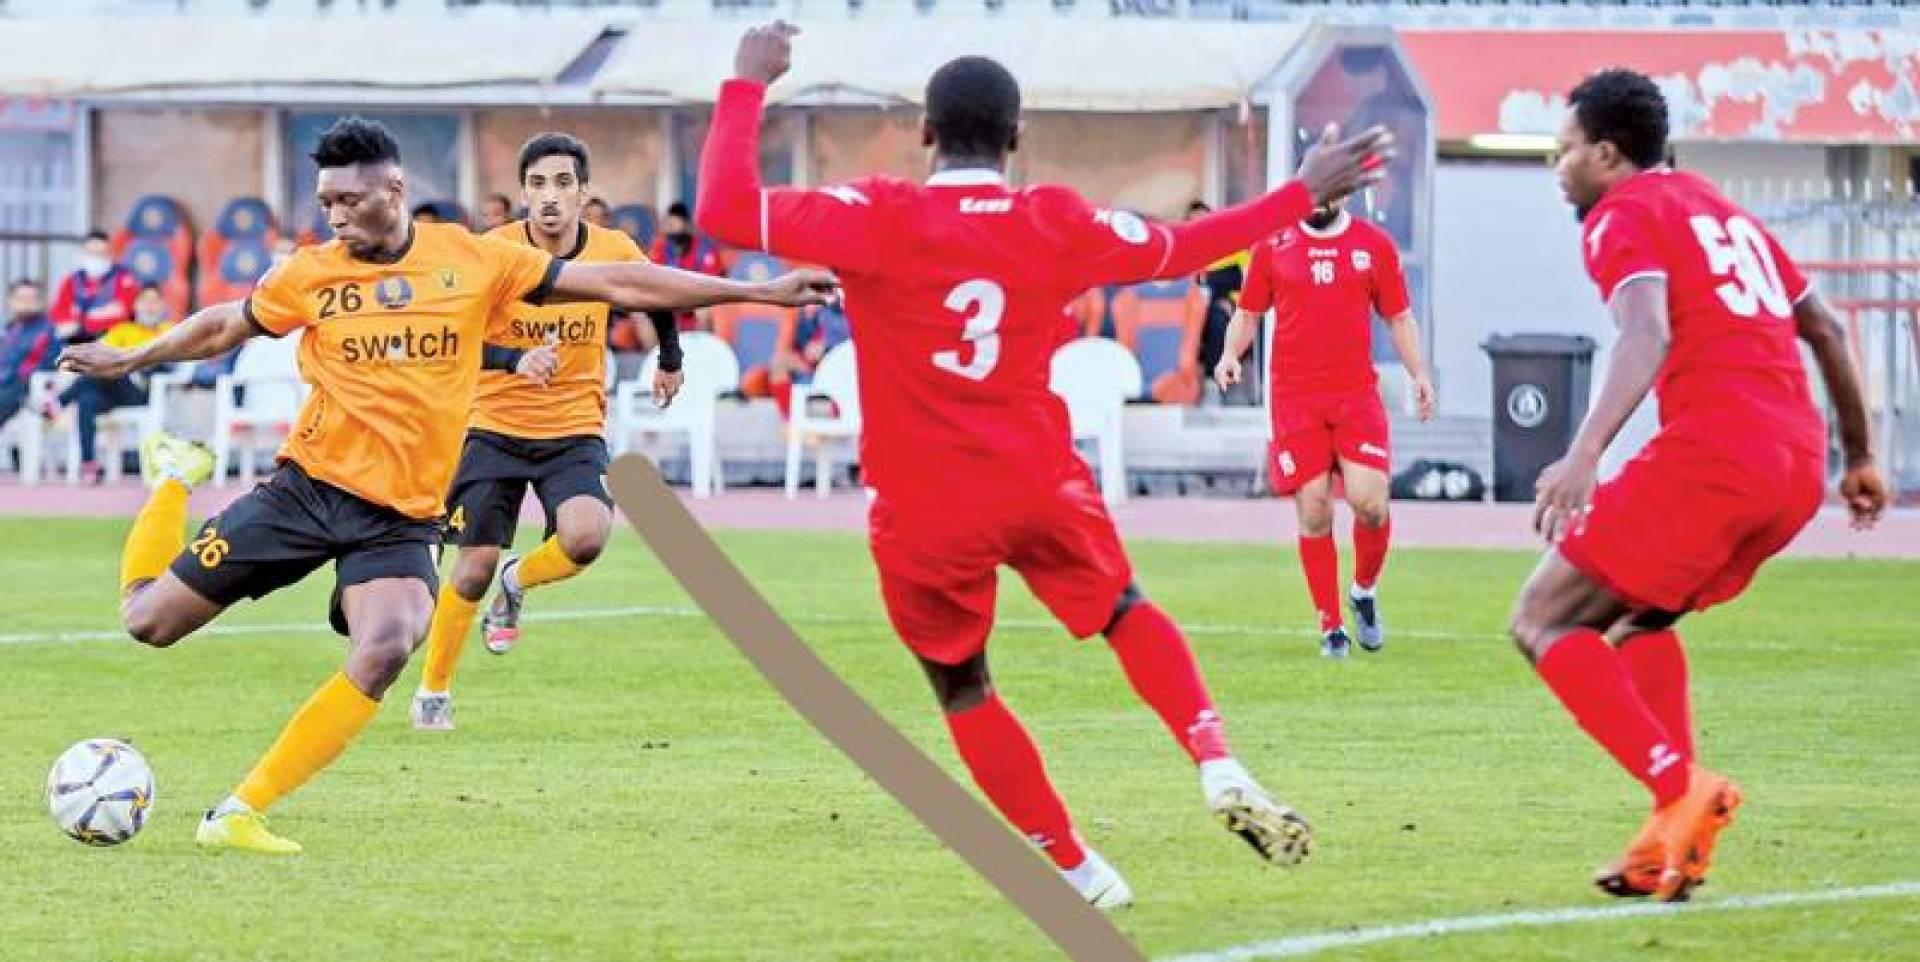 دينيس مسدداً في شباك الصليبخات لإحراز الهدف الأول للقادسية (تصوير: محمود الفوريكي)